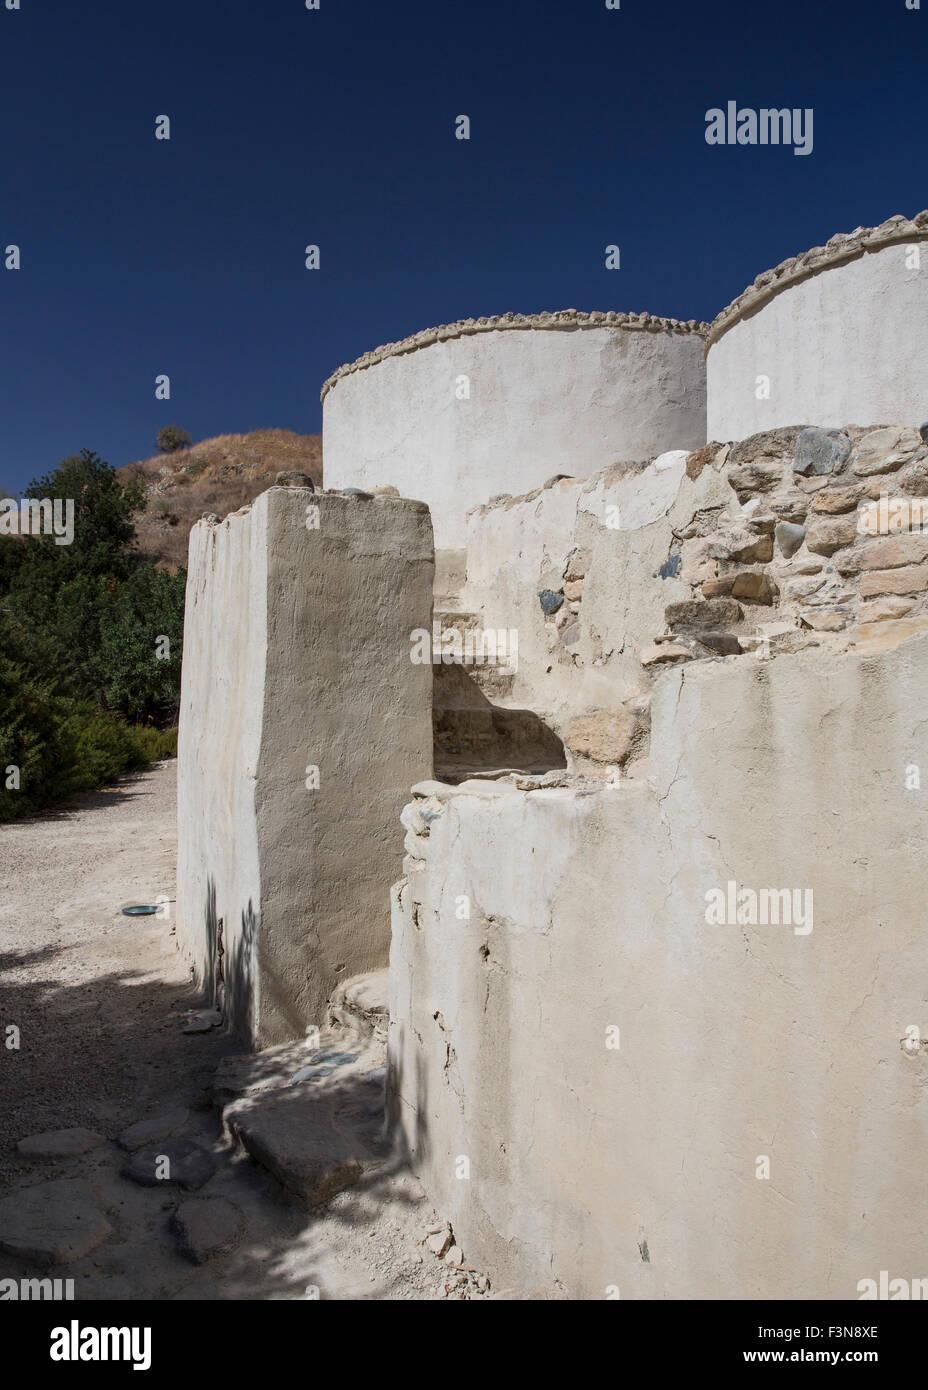 La reconstruction de l'entrée protégée et maisons à l'archéologique de site néolithique à Chypre Banque D'Images